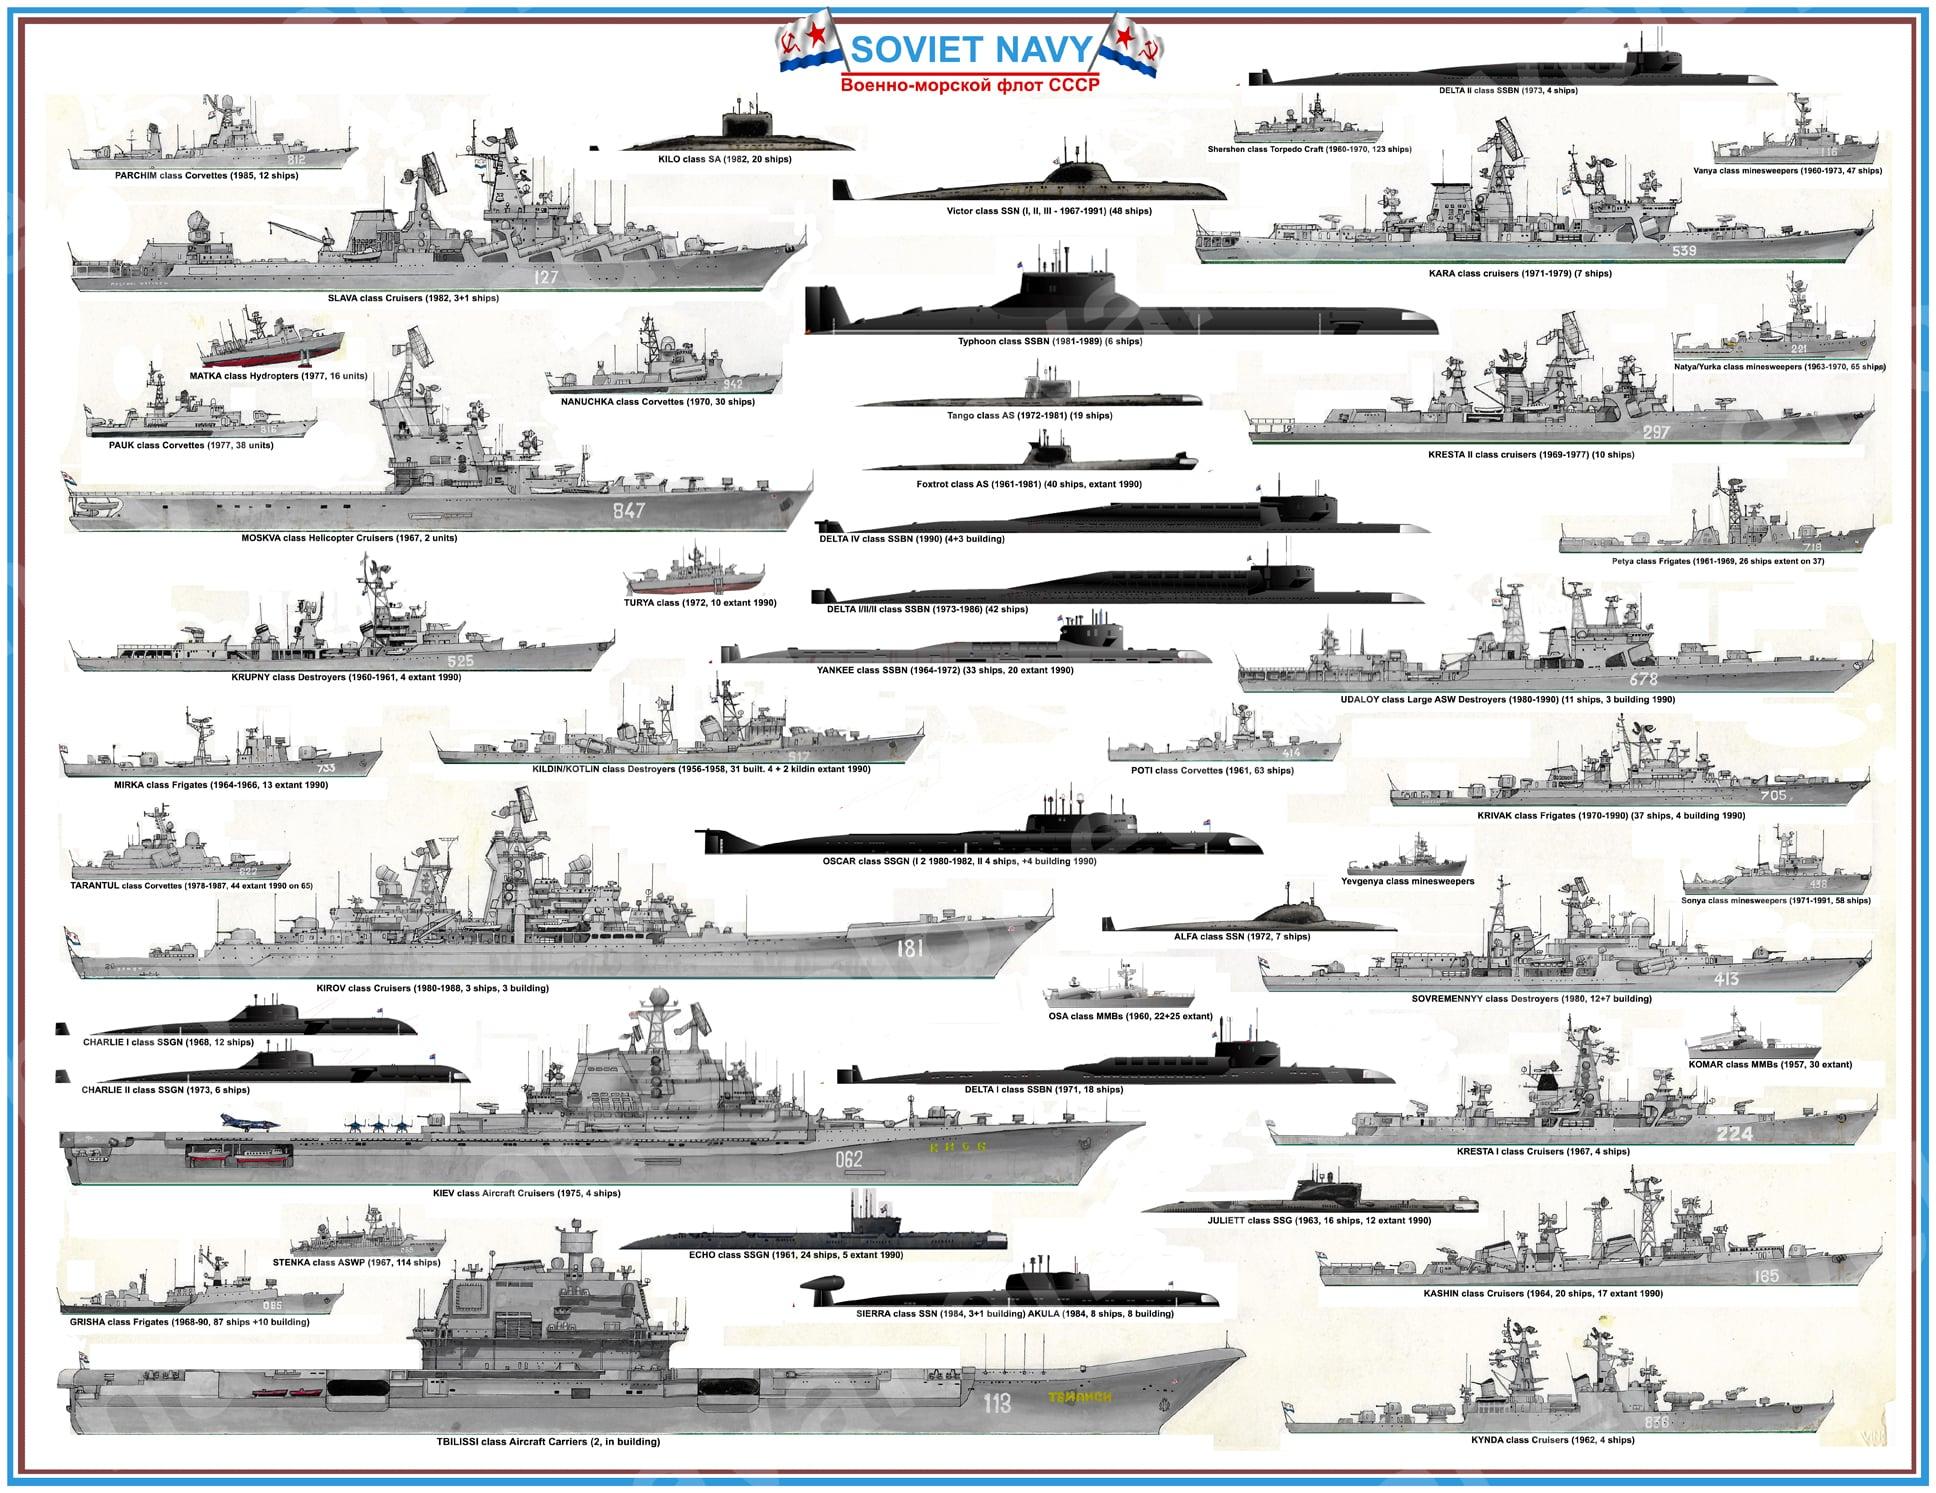 Marina sovietica 1947-1990